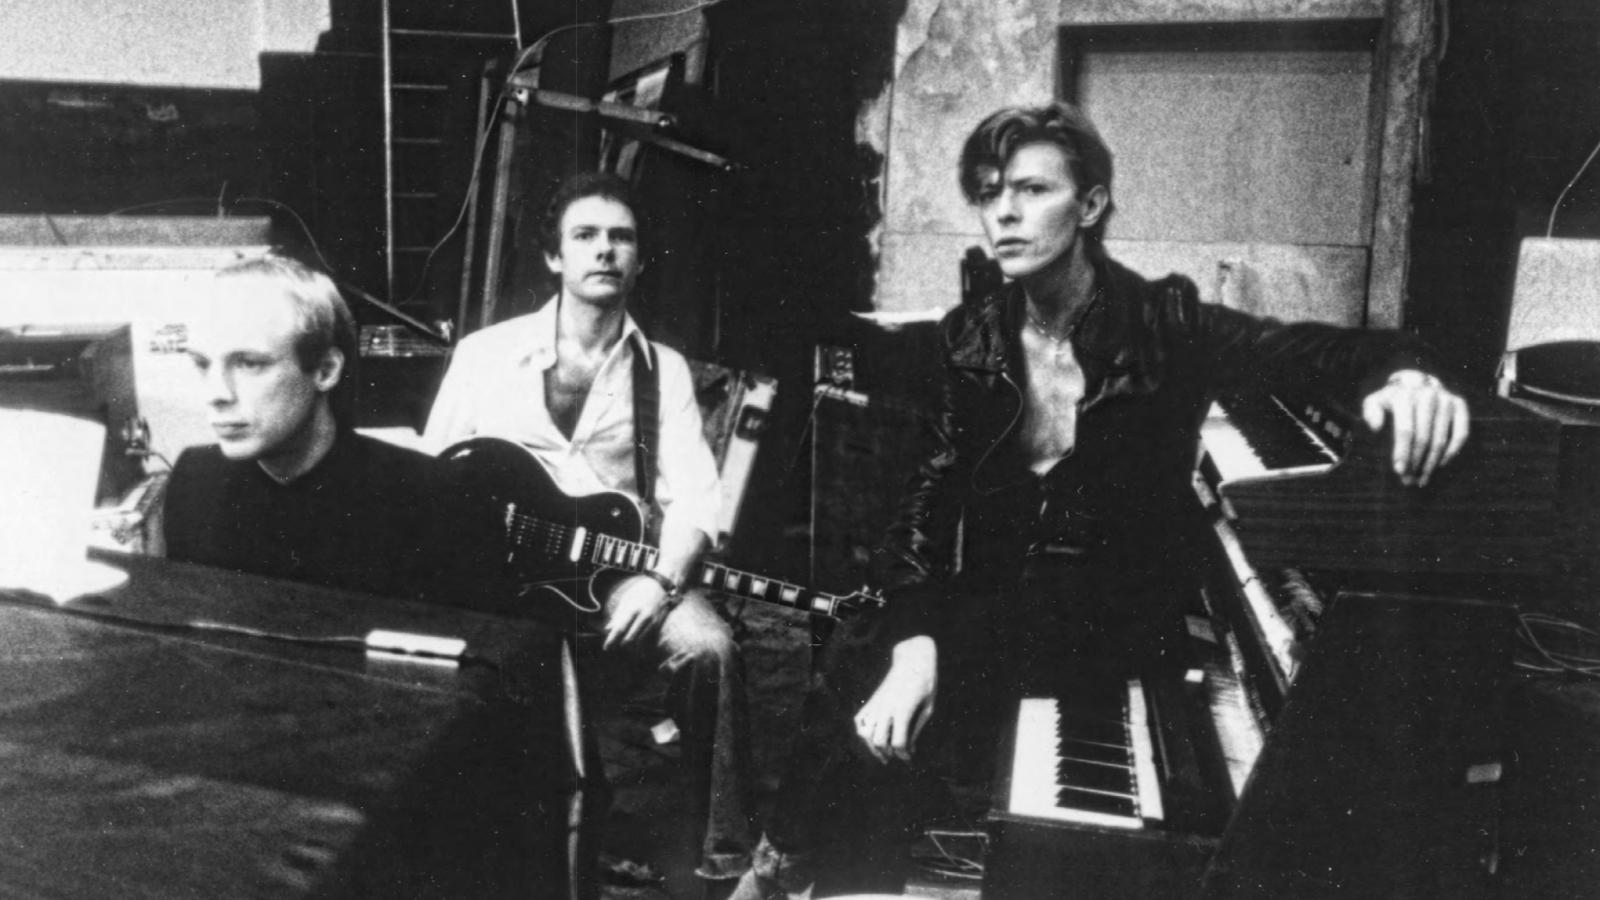 Bowie in Berlin 3